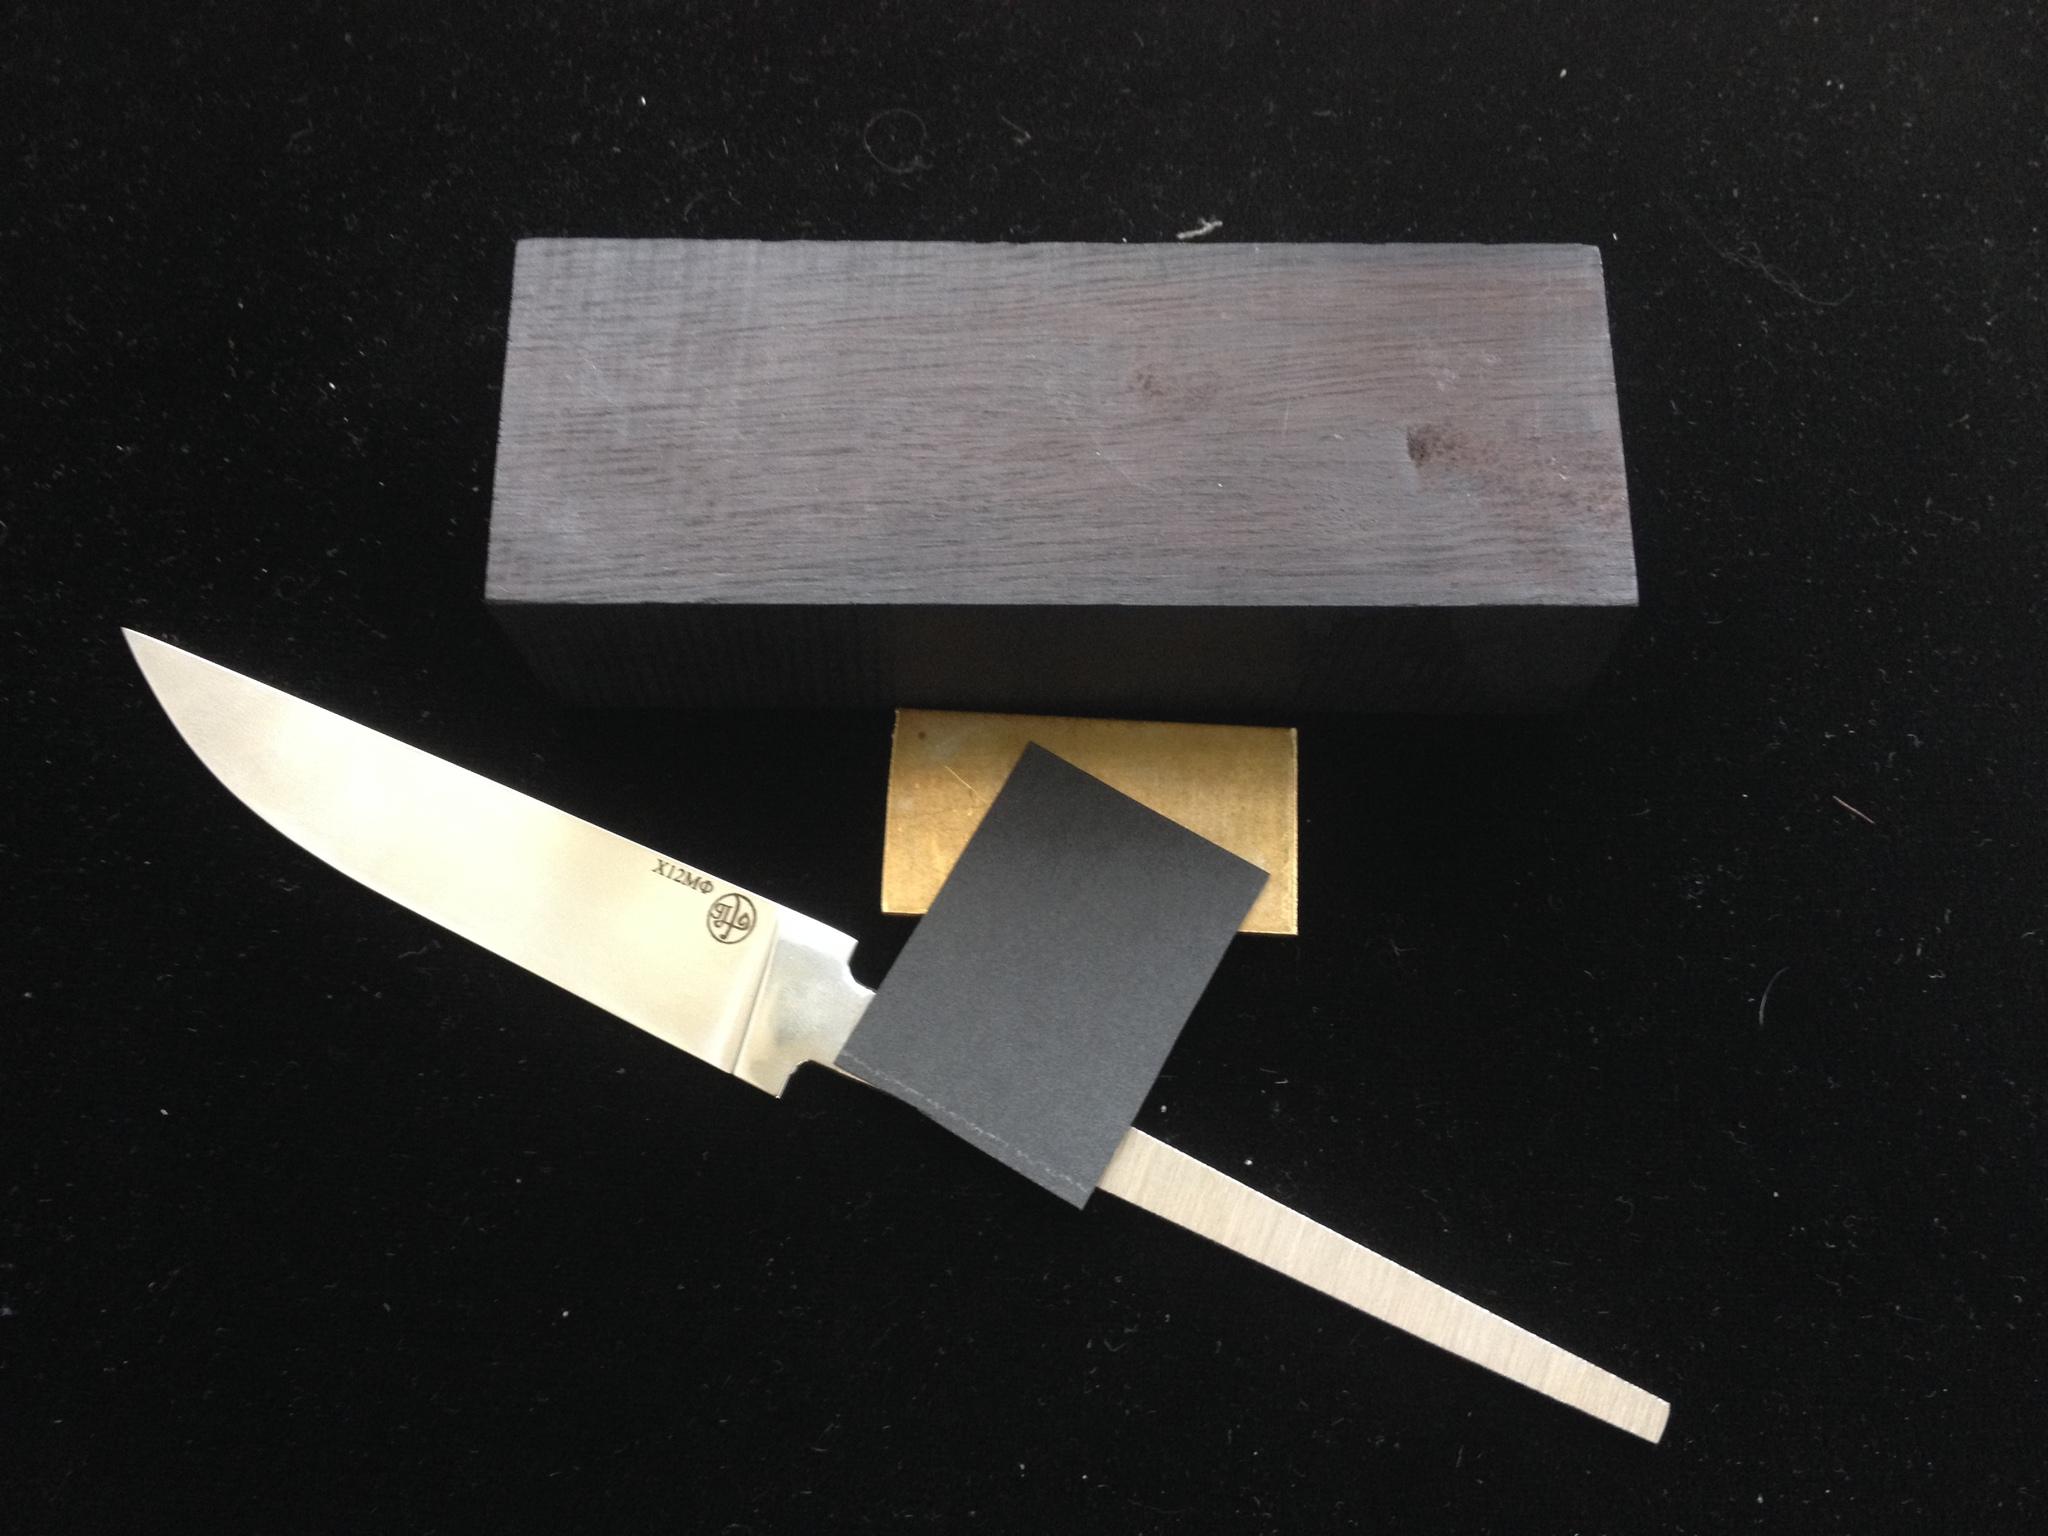 Подарочный набор Сделай свой нож самПодарочные наборы ножей<br>Превосходный подарок настоящему мужчине. Нет ничего лучше для мужчины, чем нож.Но не просто нож, а нож сделанный своими руками втройне ценнее. Клинок сделан одним из лучших российских мастеров Андреем Приказчиковым.Отличный подарок другу, мужу, отцу, брату или коллеге.<br>Комлектующие набора: клинок, брусок, кусок латуни и фибра.<br>Клинок. Сталь Х12Мф КованаяДлина от 90 до 115ммТолщина клинка 3.5мм наибольшия ширина 20ммДлина хвостовика 95мм общая длина заготовки 195ммМастер Андрей Приказчиков. Россия.Брусок светлый дуб или морёный граб чёрный.300х47х128ммЛатунь 3х30х45ммФибра 0.4х30х45мм<br>